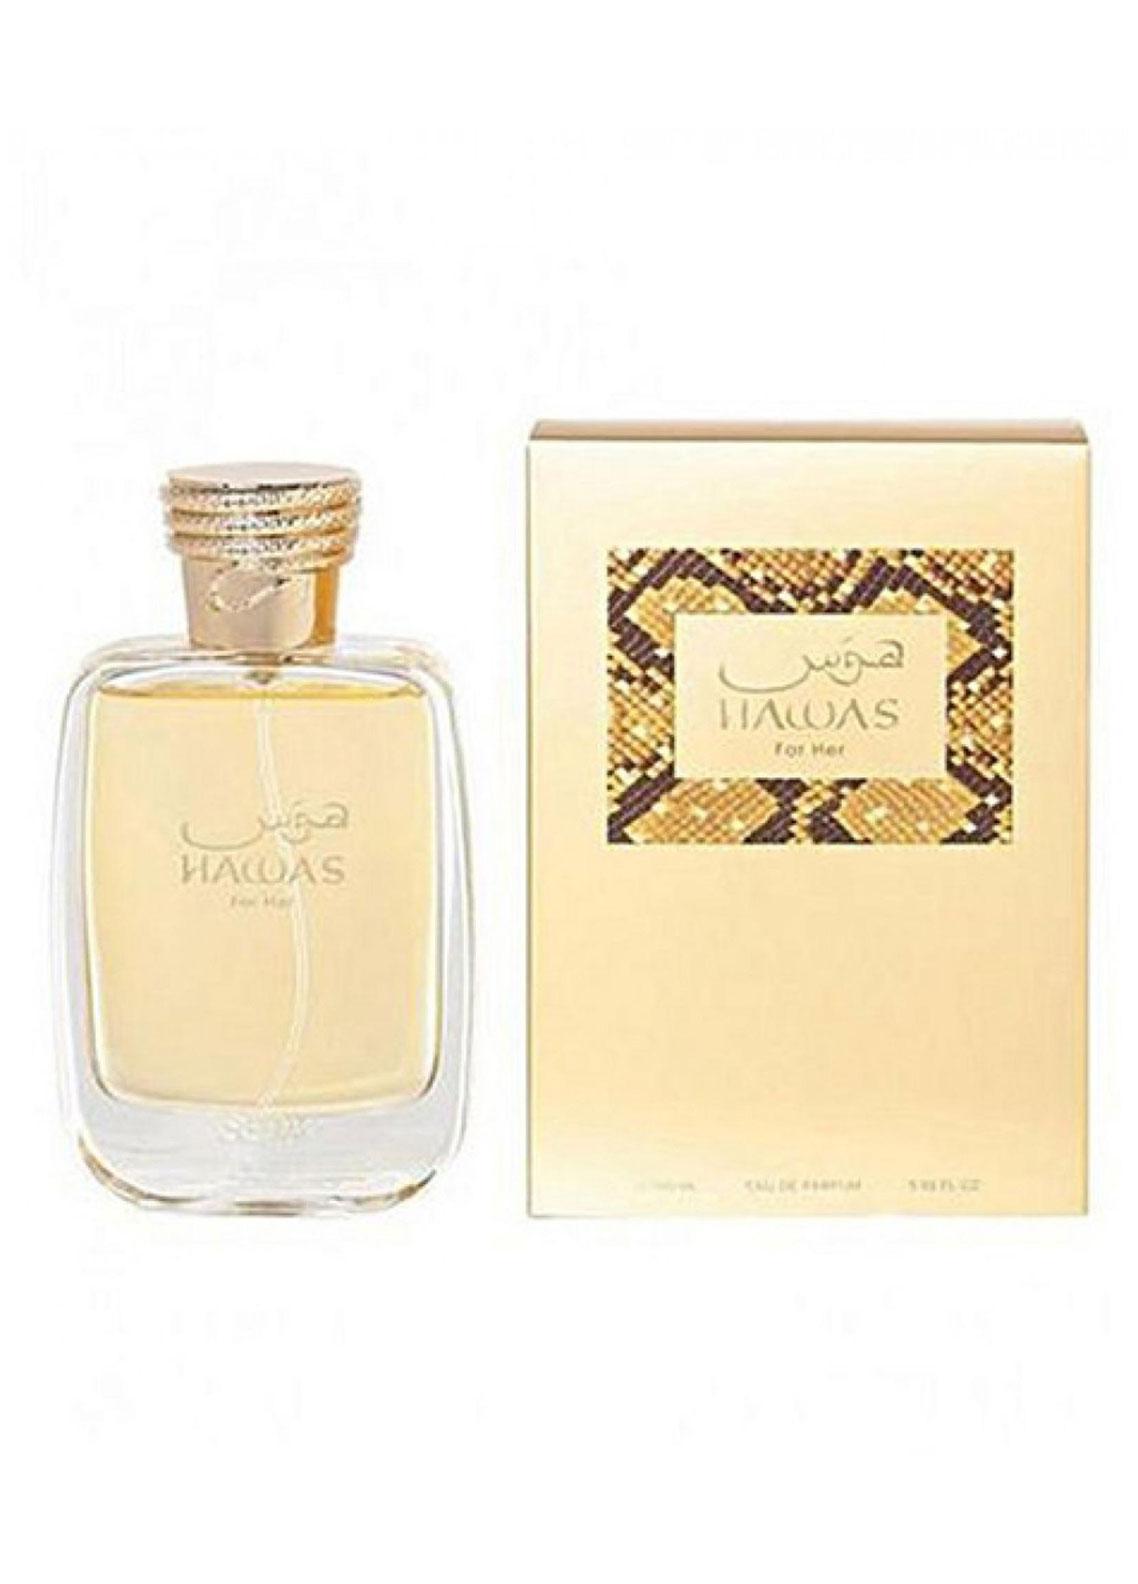 Rasasi Rasasi Hawas women's perfume EDP